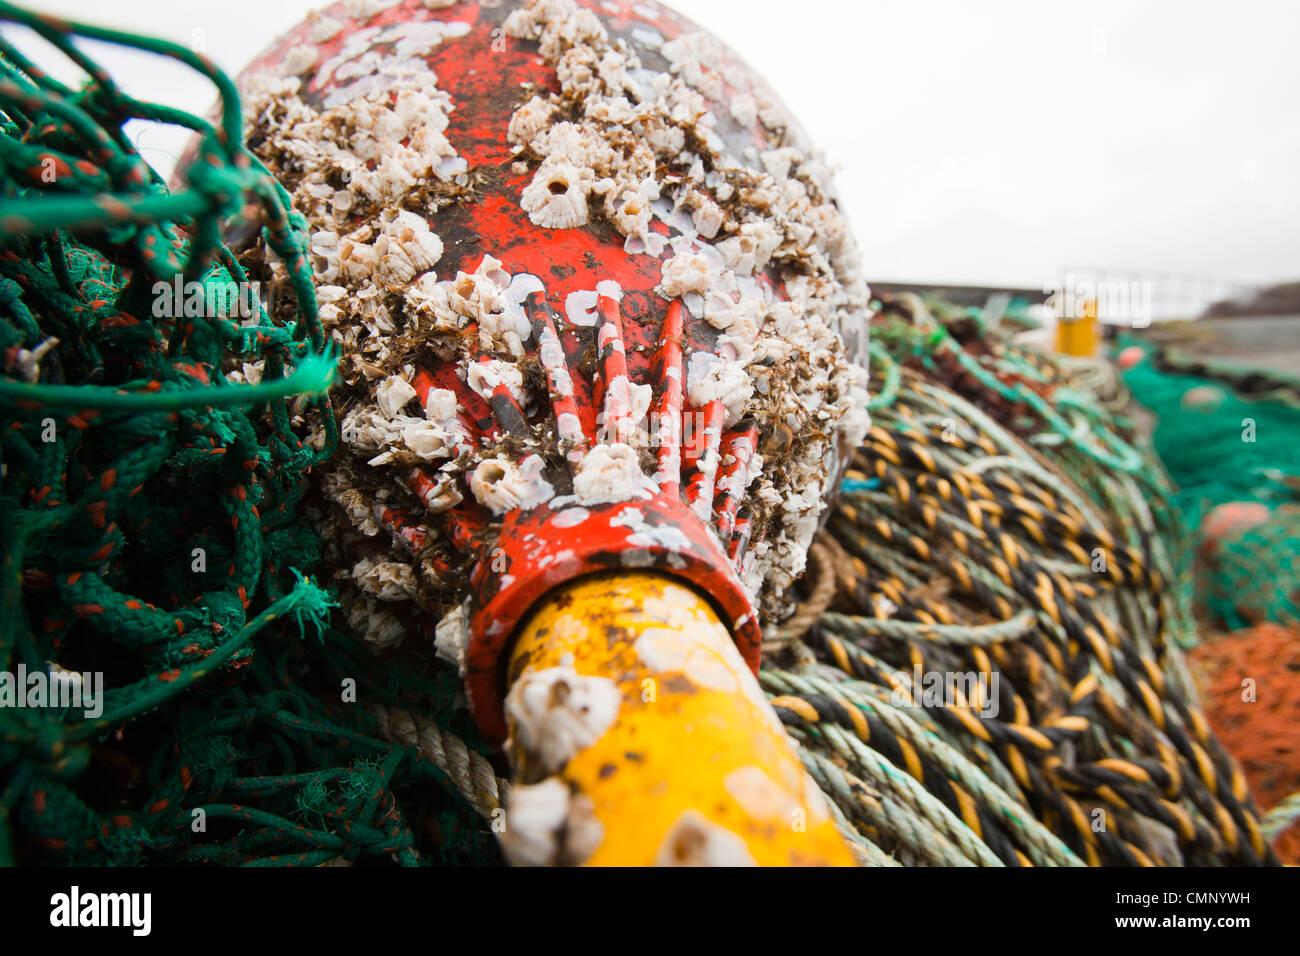 Los aparejos de pesca en el puerto de Portnalong, Isla de Skye, Escocia, Reino Unido. Foto de stock